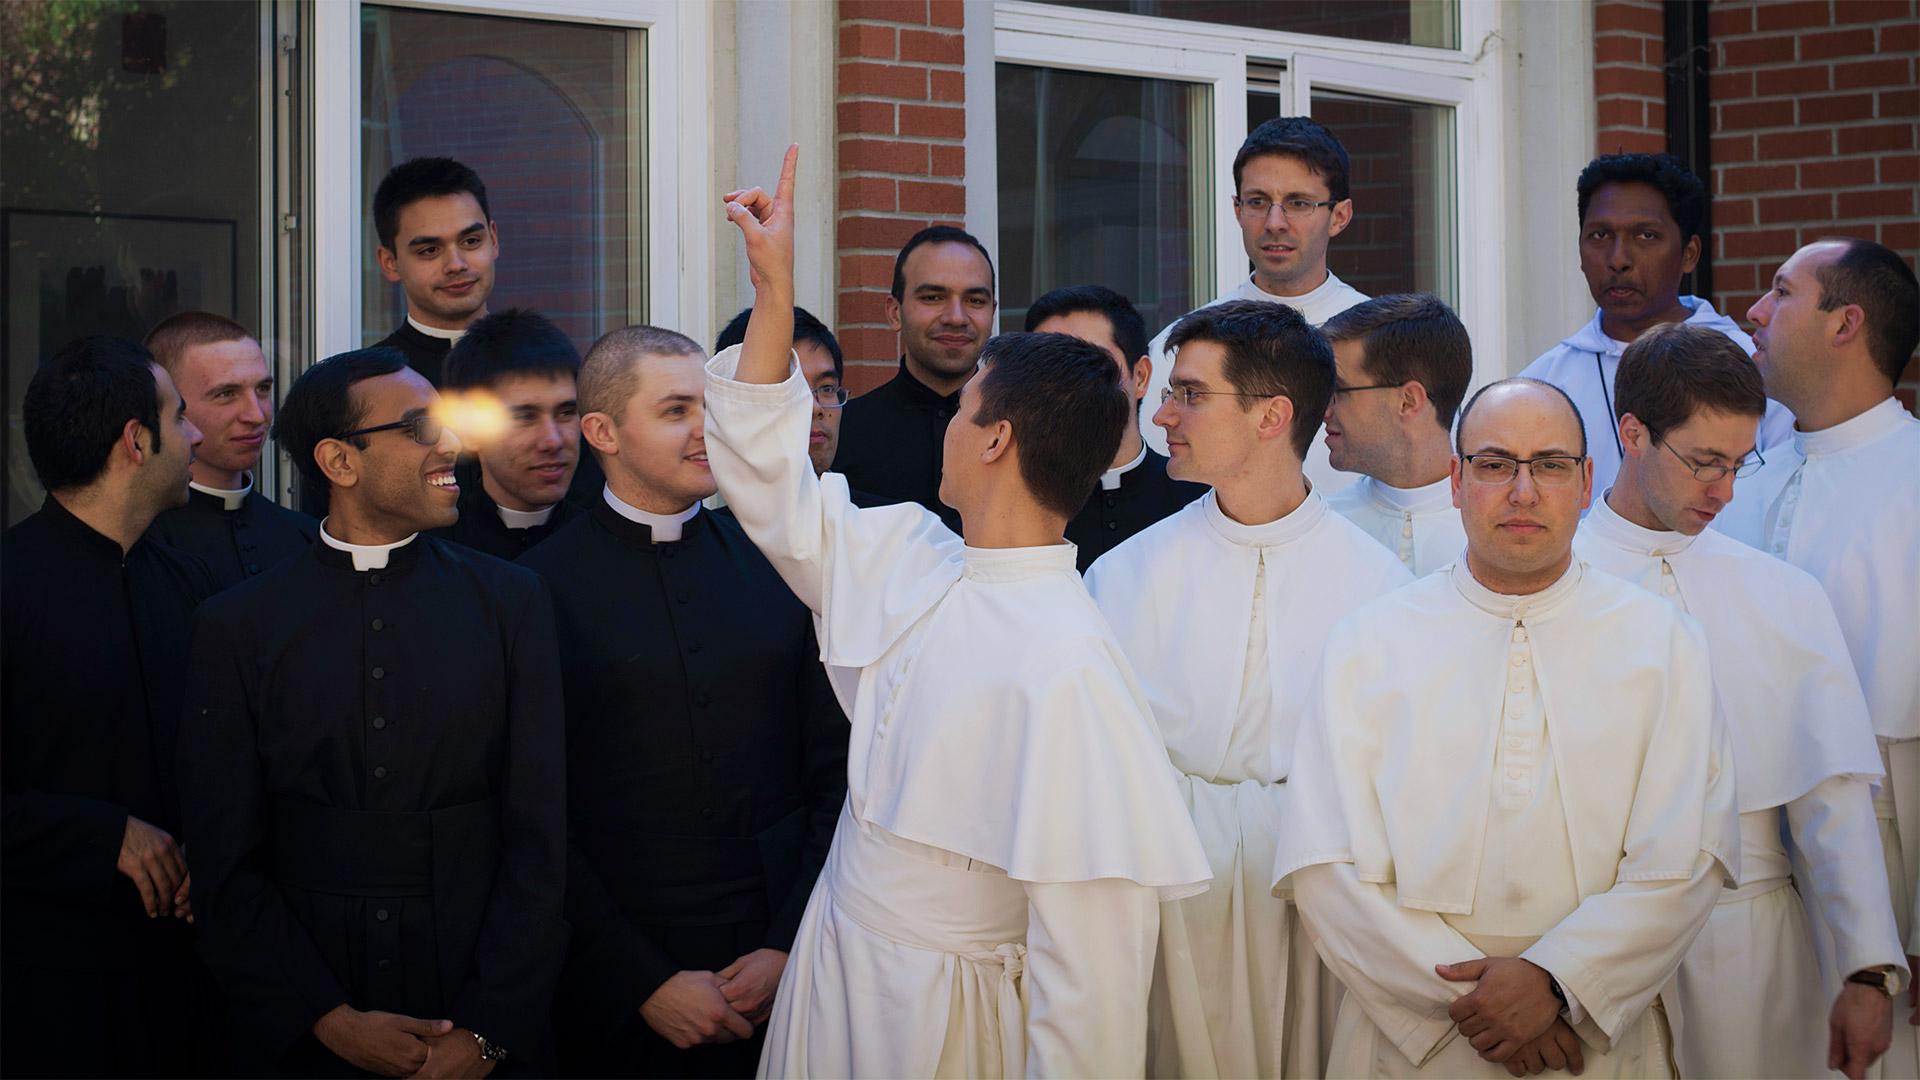 Seminarians at St. Philip's Seminary